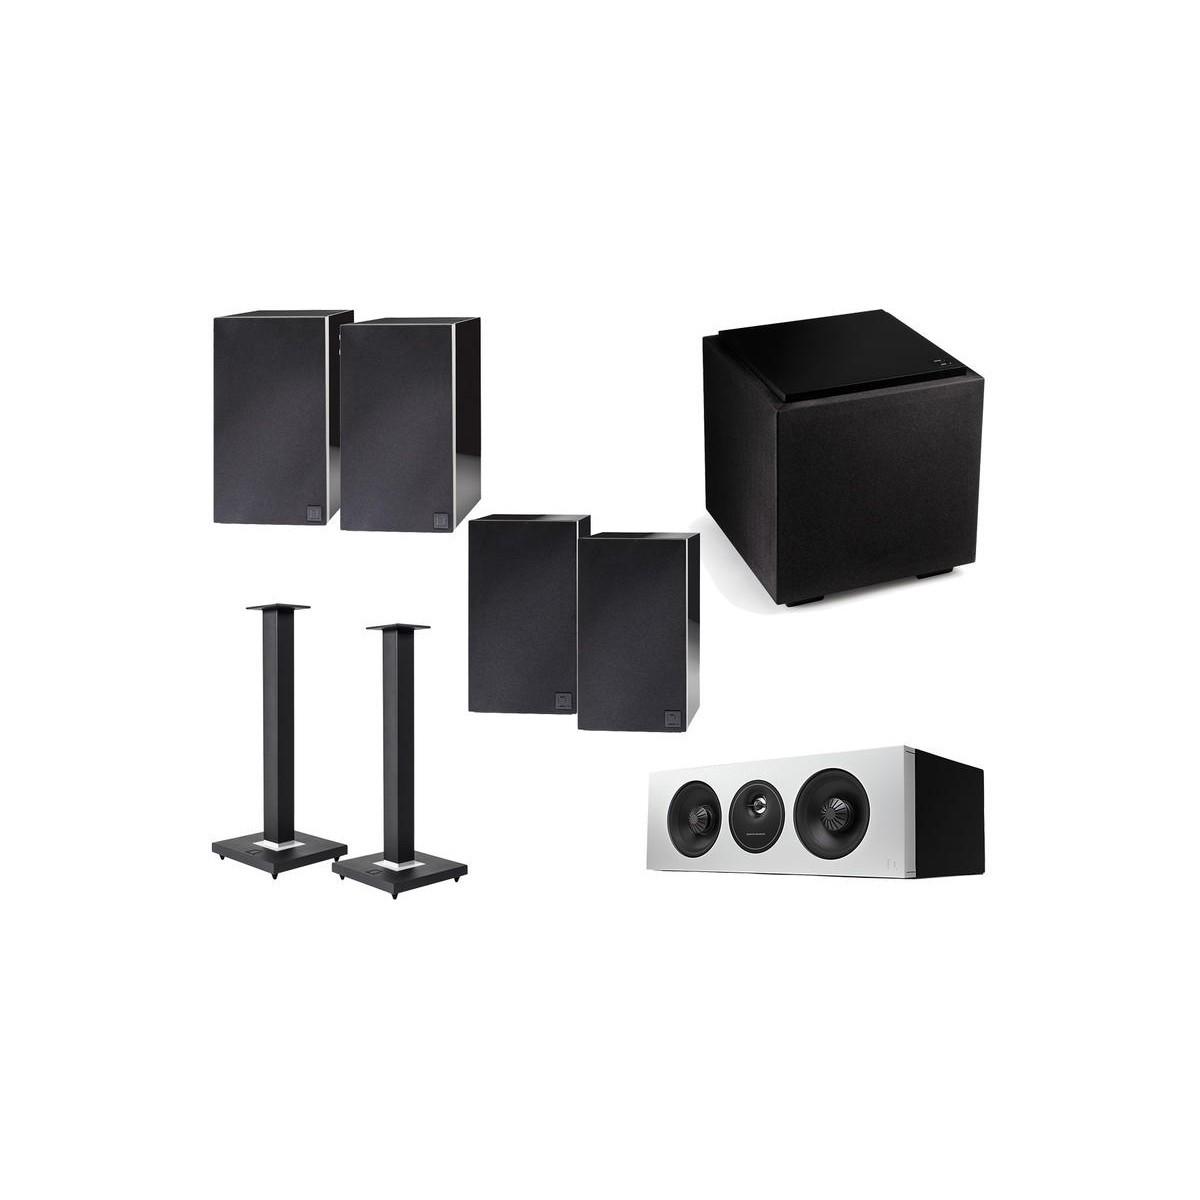 Lautsprecherständer DEMAND ST1 (Paarpreis)